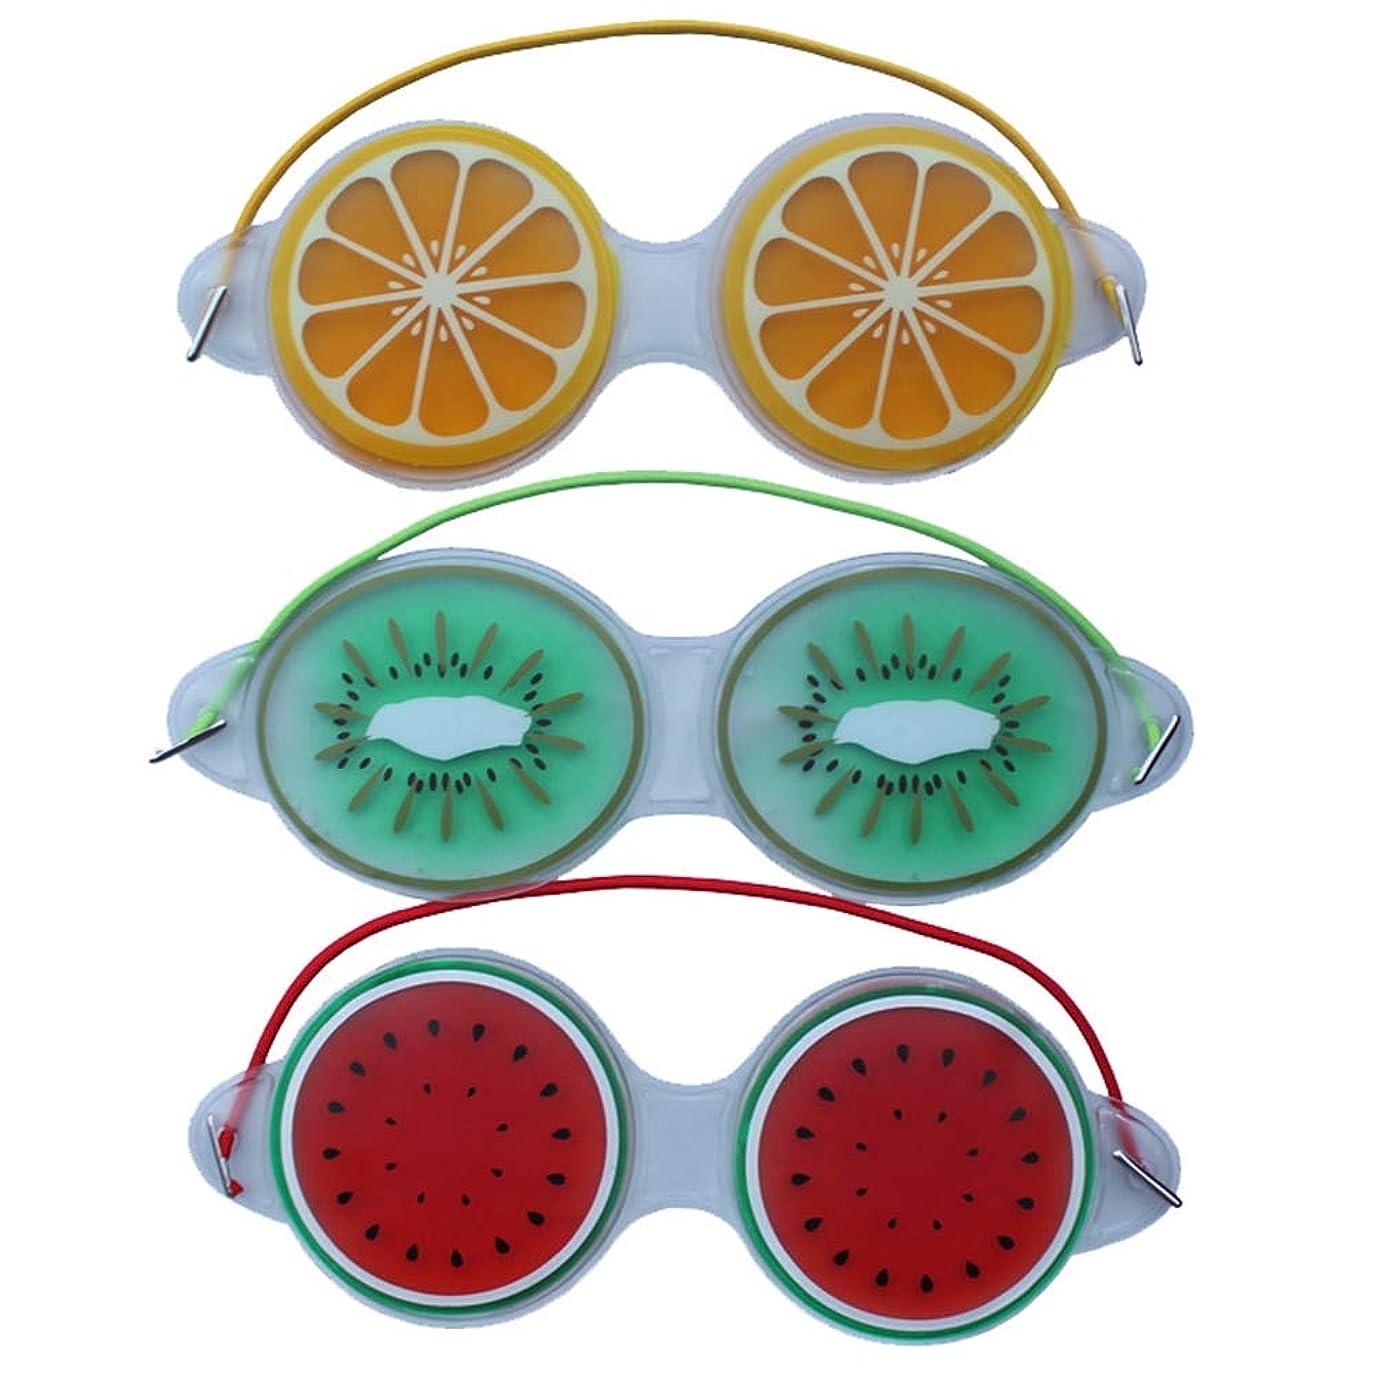 コロニアル記憶血統メモジェルアイマスク睡眠よく圧縮かわいいフルーツジェル疲労緩和冷却アイケアリラクゼーションシールドアイケアツール